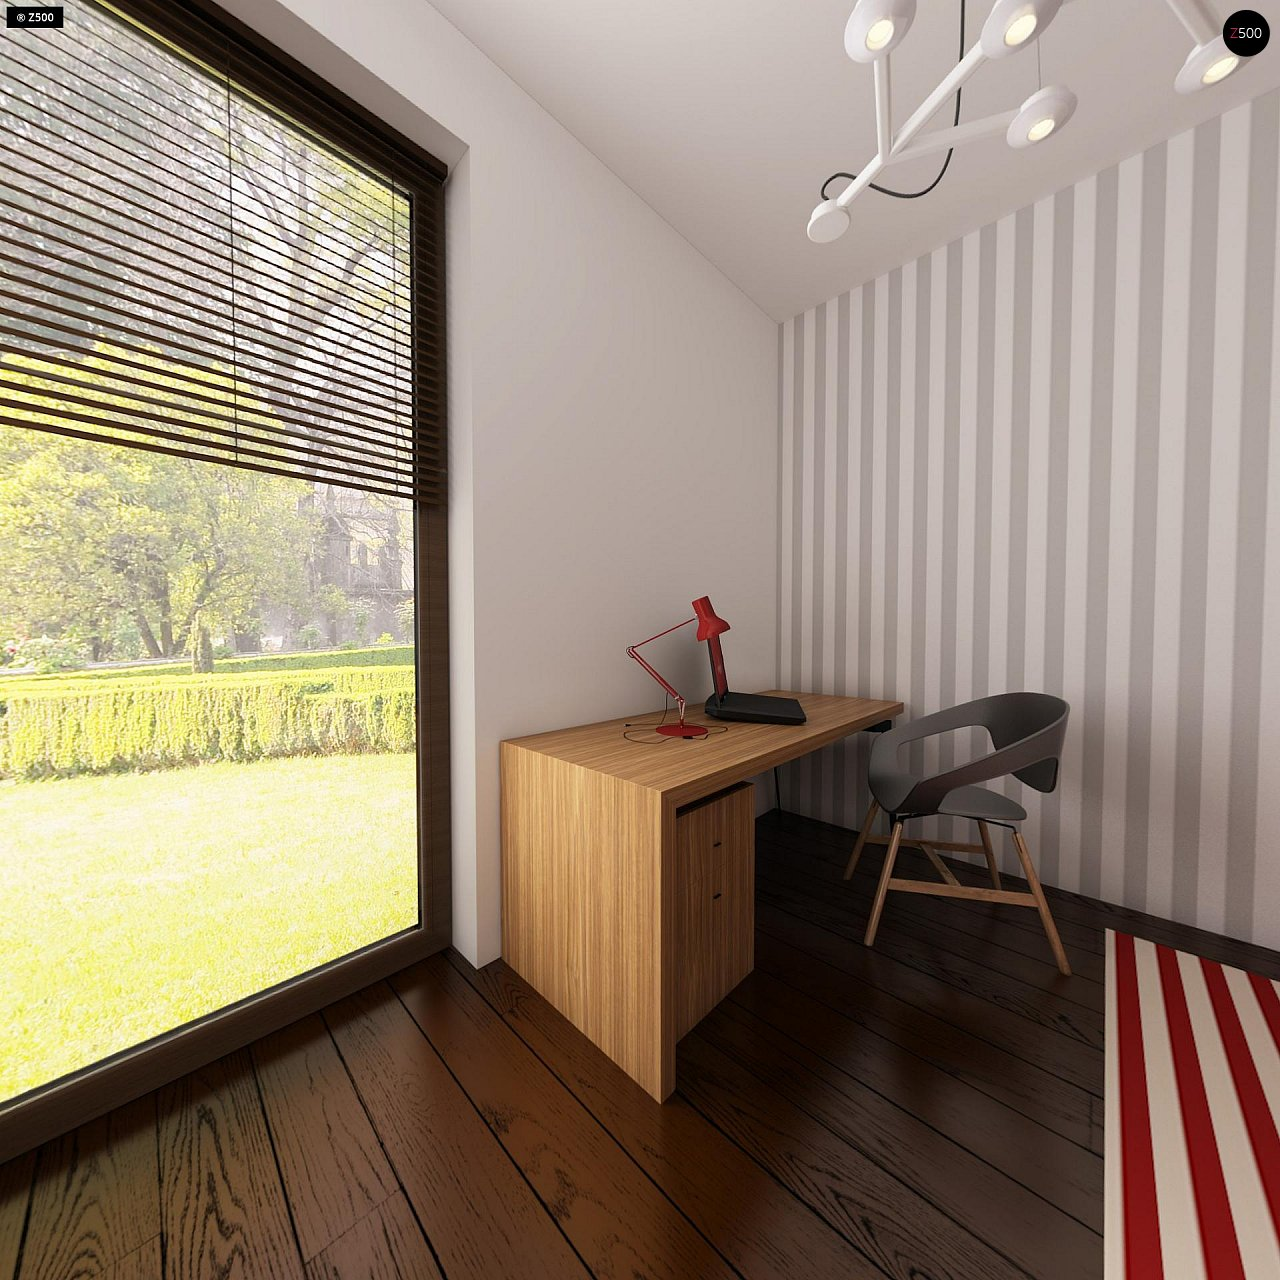 Проект небольшого практичного одноэтажного дома. Есть возможность обустройства чердачного помещения. 17